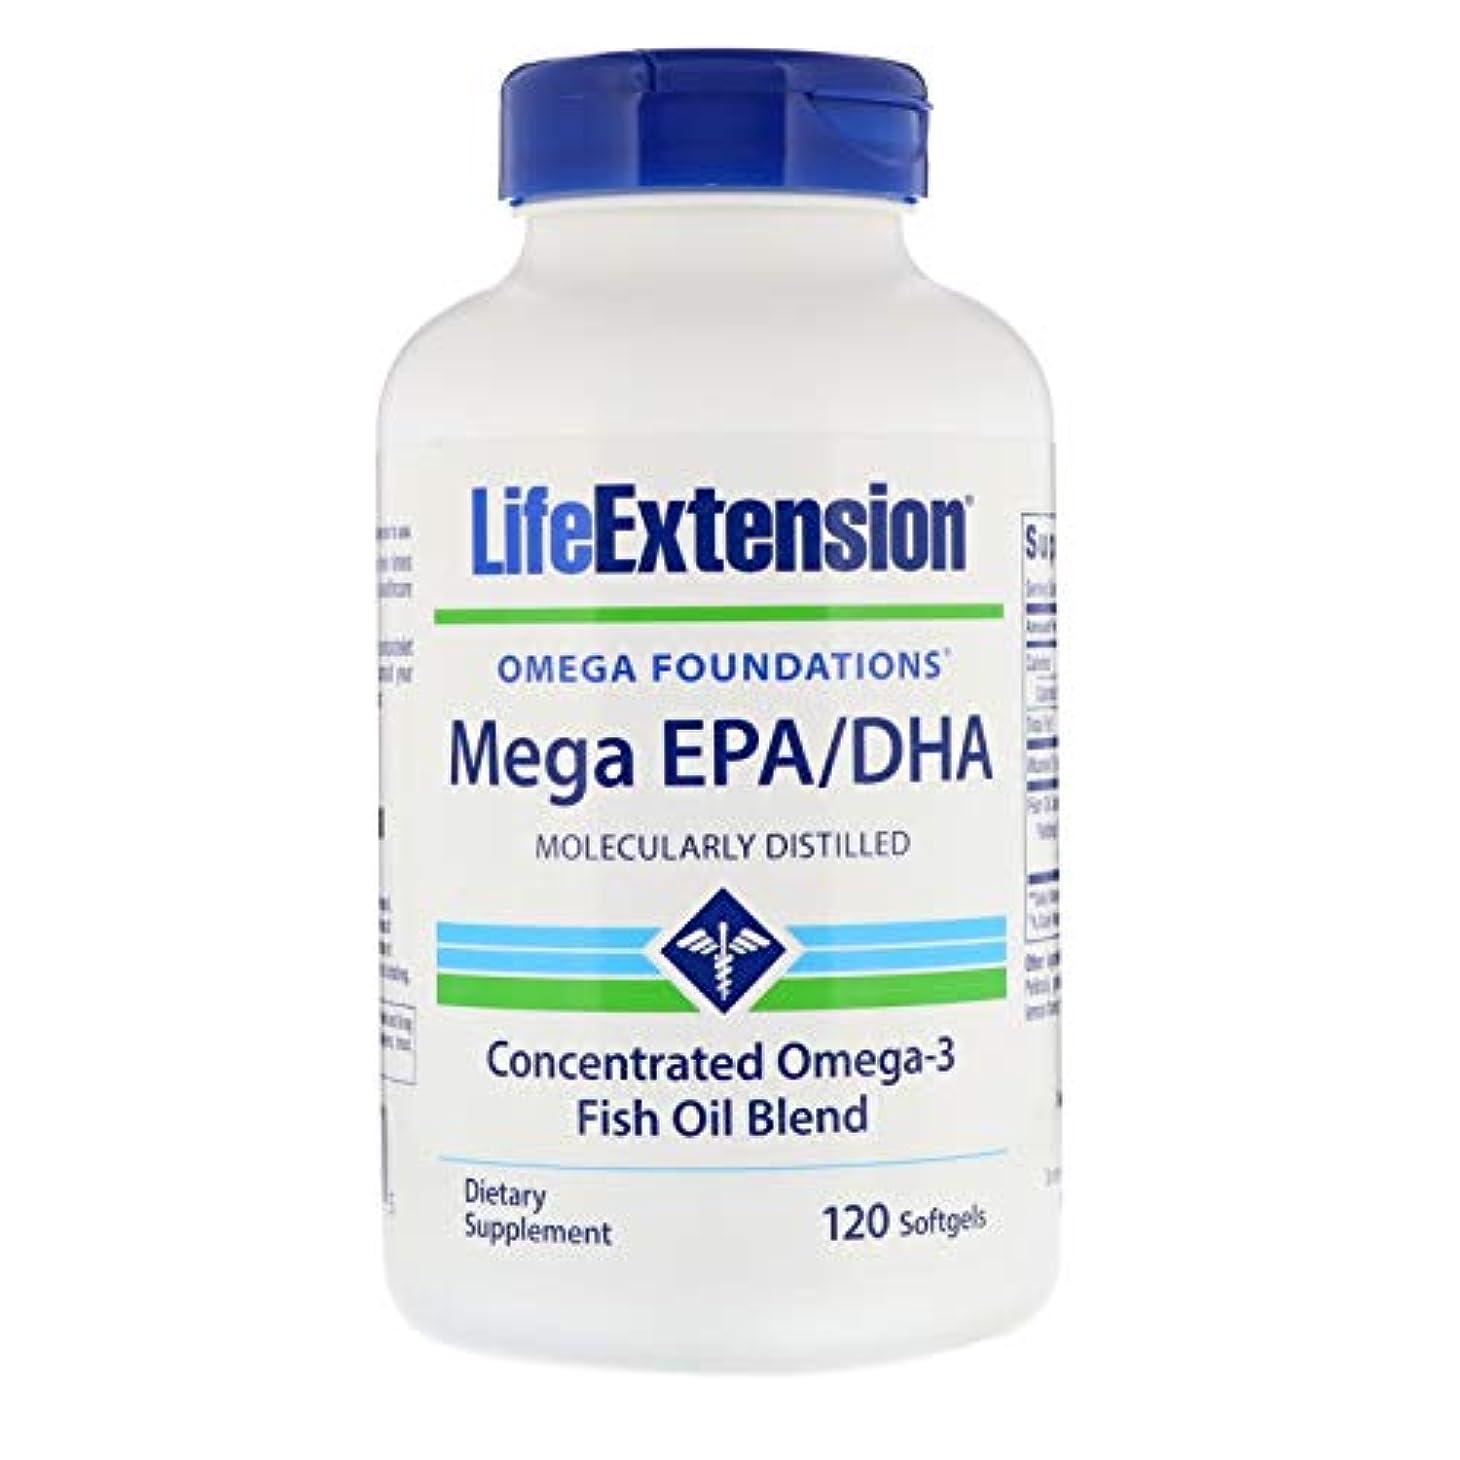 下用量世論調査メガ EPA/DHA600 mg含有/粒 120粒ソフトジェルカプセル 海外直送品